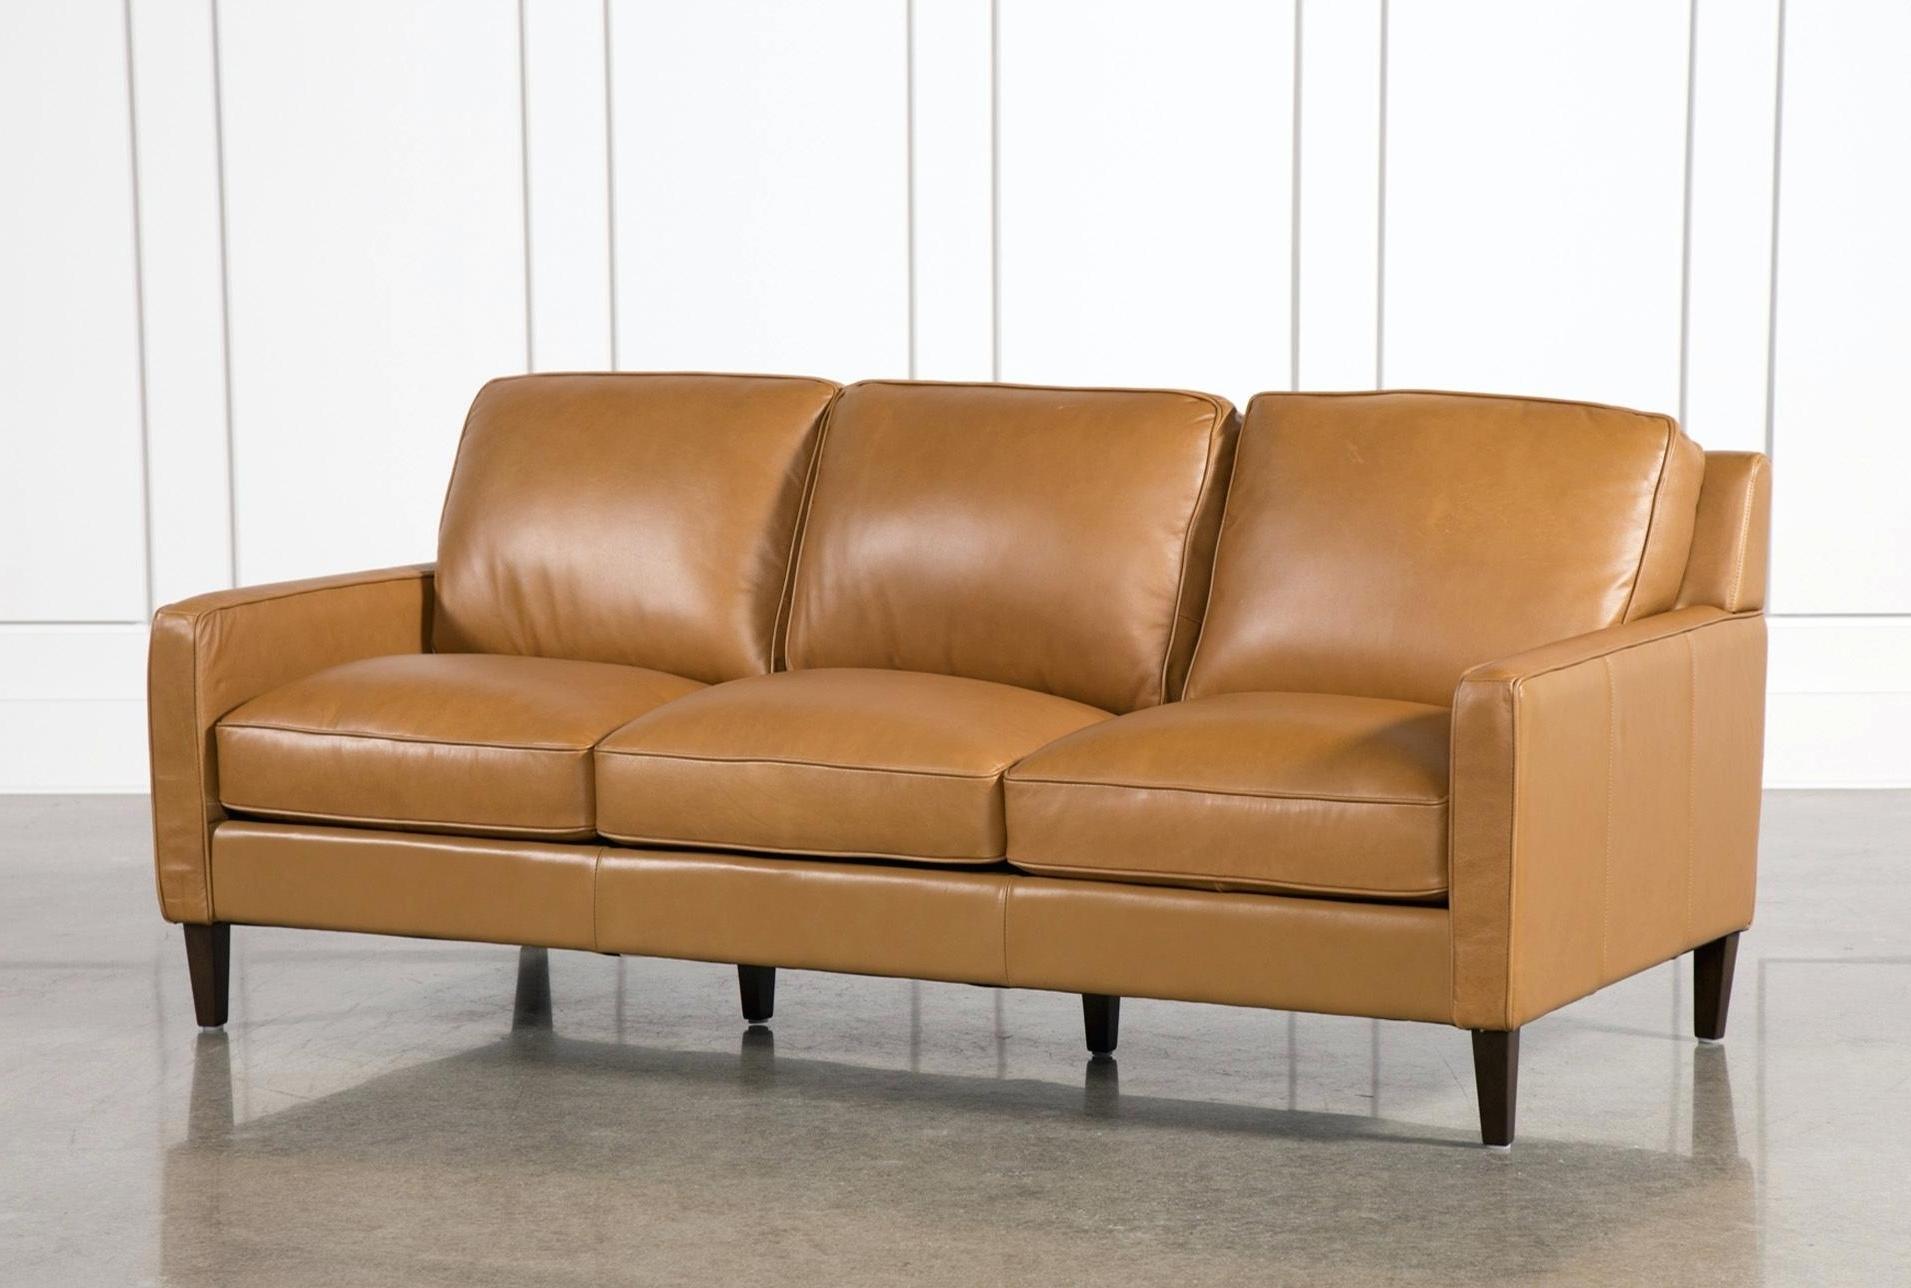 Leather Furniture Phoenix Sofas Az Used Sectional Sofa With Regard To 2018 Phoenix Sectional Sofas (View 5 of 15)